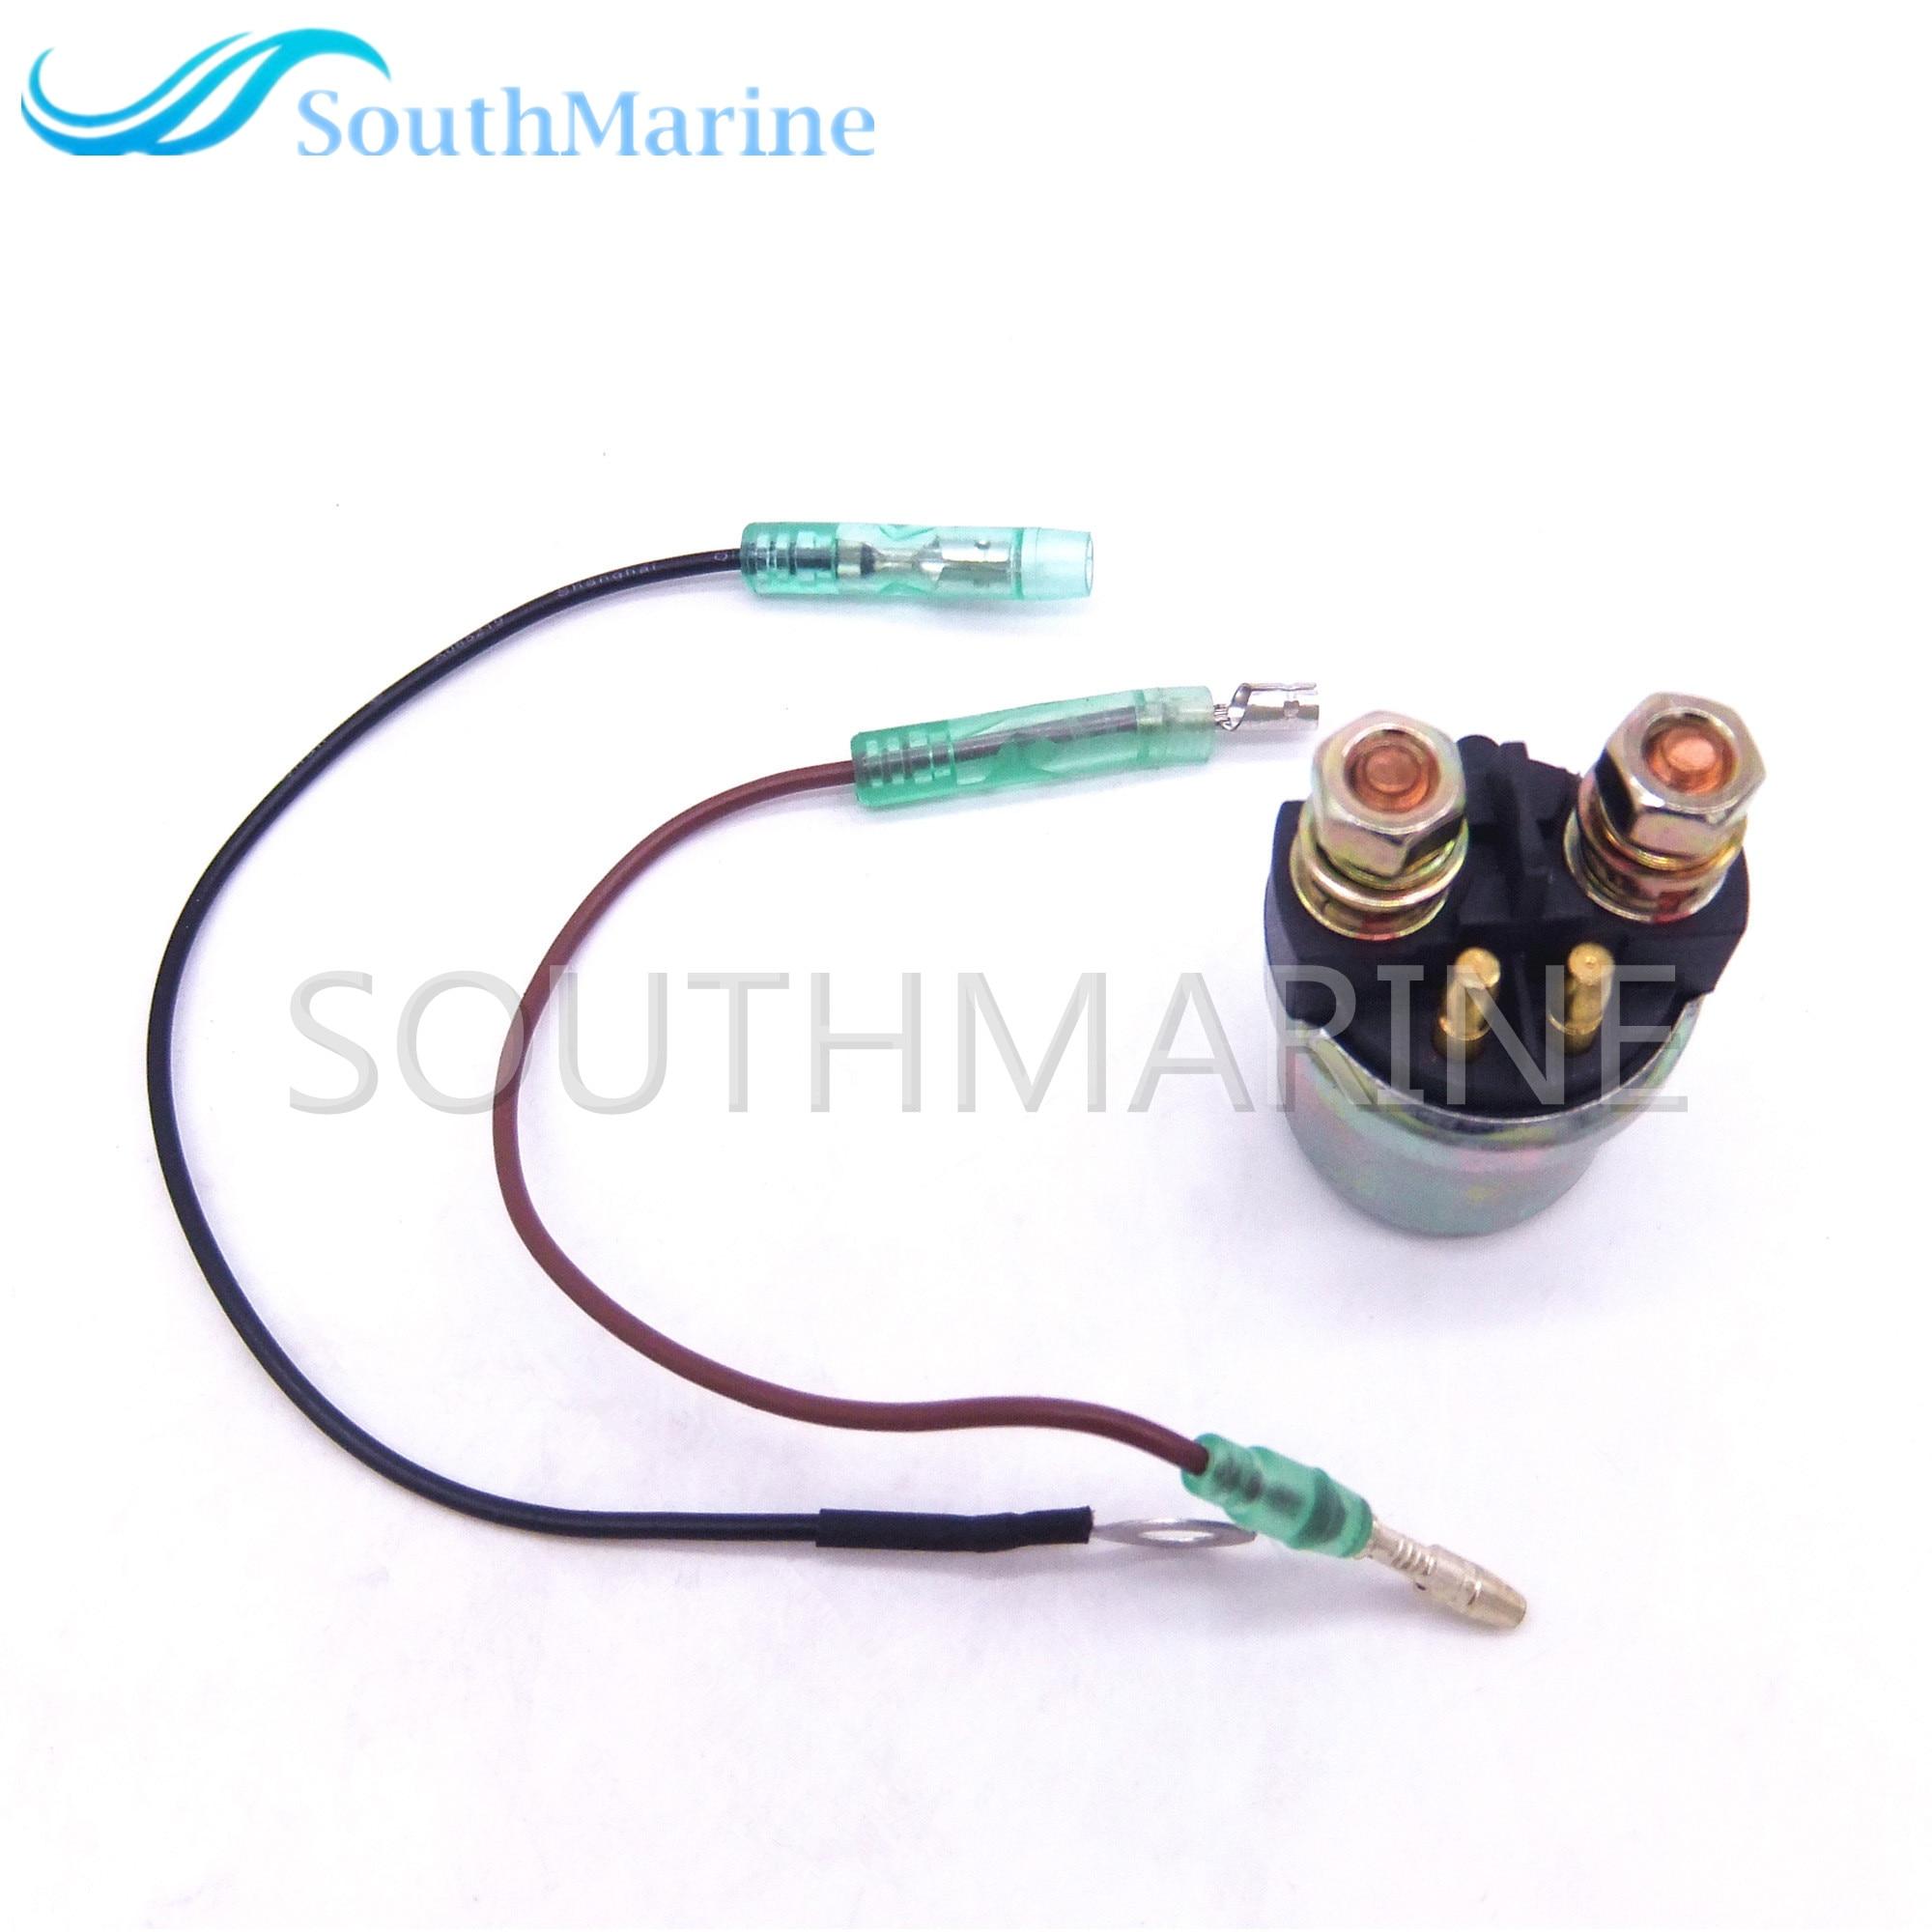 38410 94552 94550 94551 Trimtilt Relay Fit Suzuki Mercury Trim Wiring F15 07150300w Starter Solenoid For Parsun Hdx F8 F98 F99